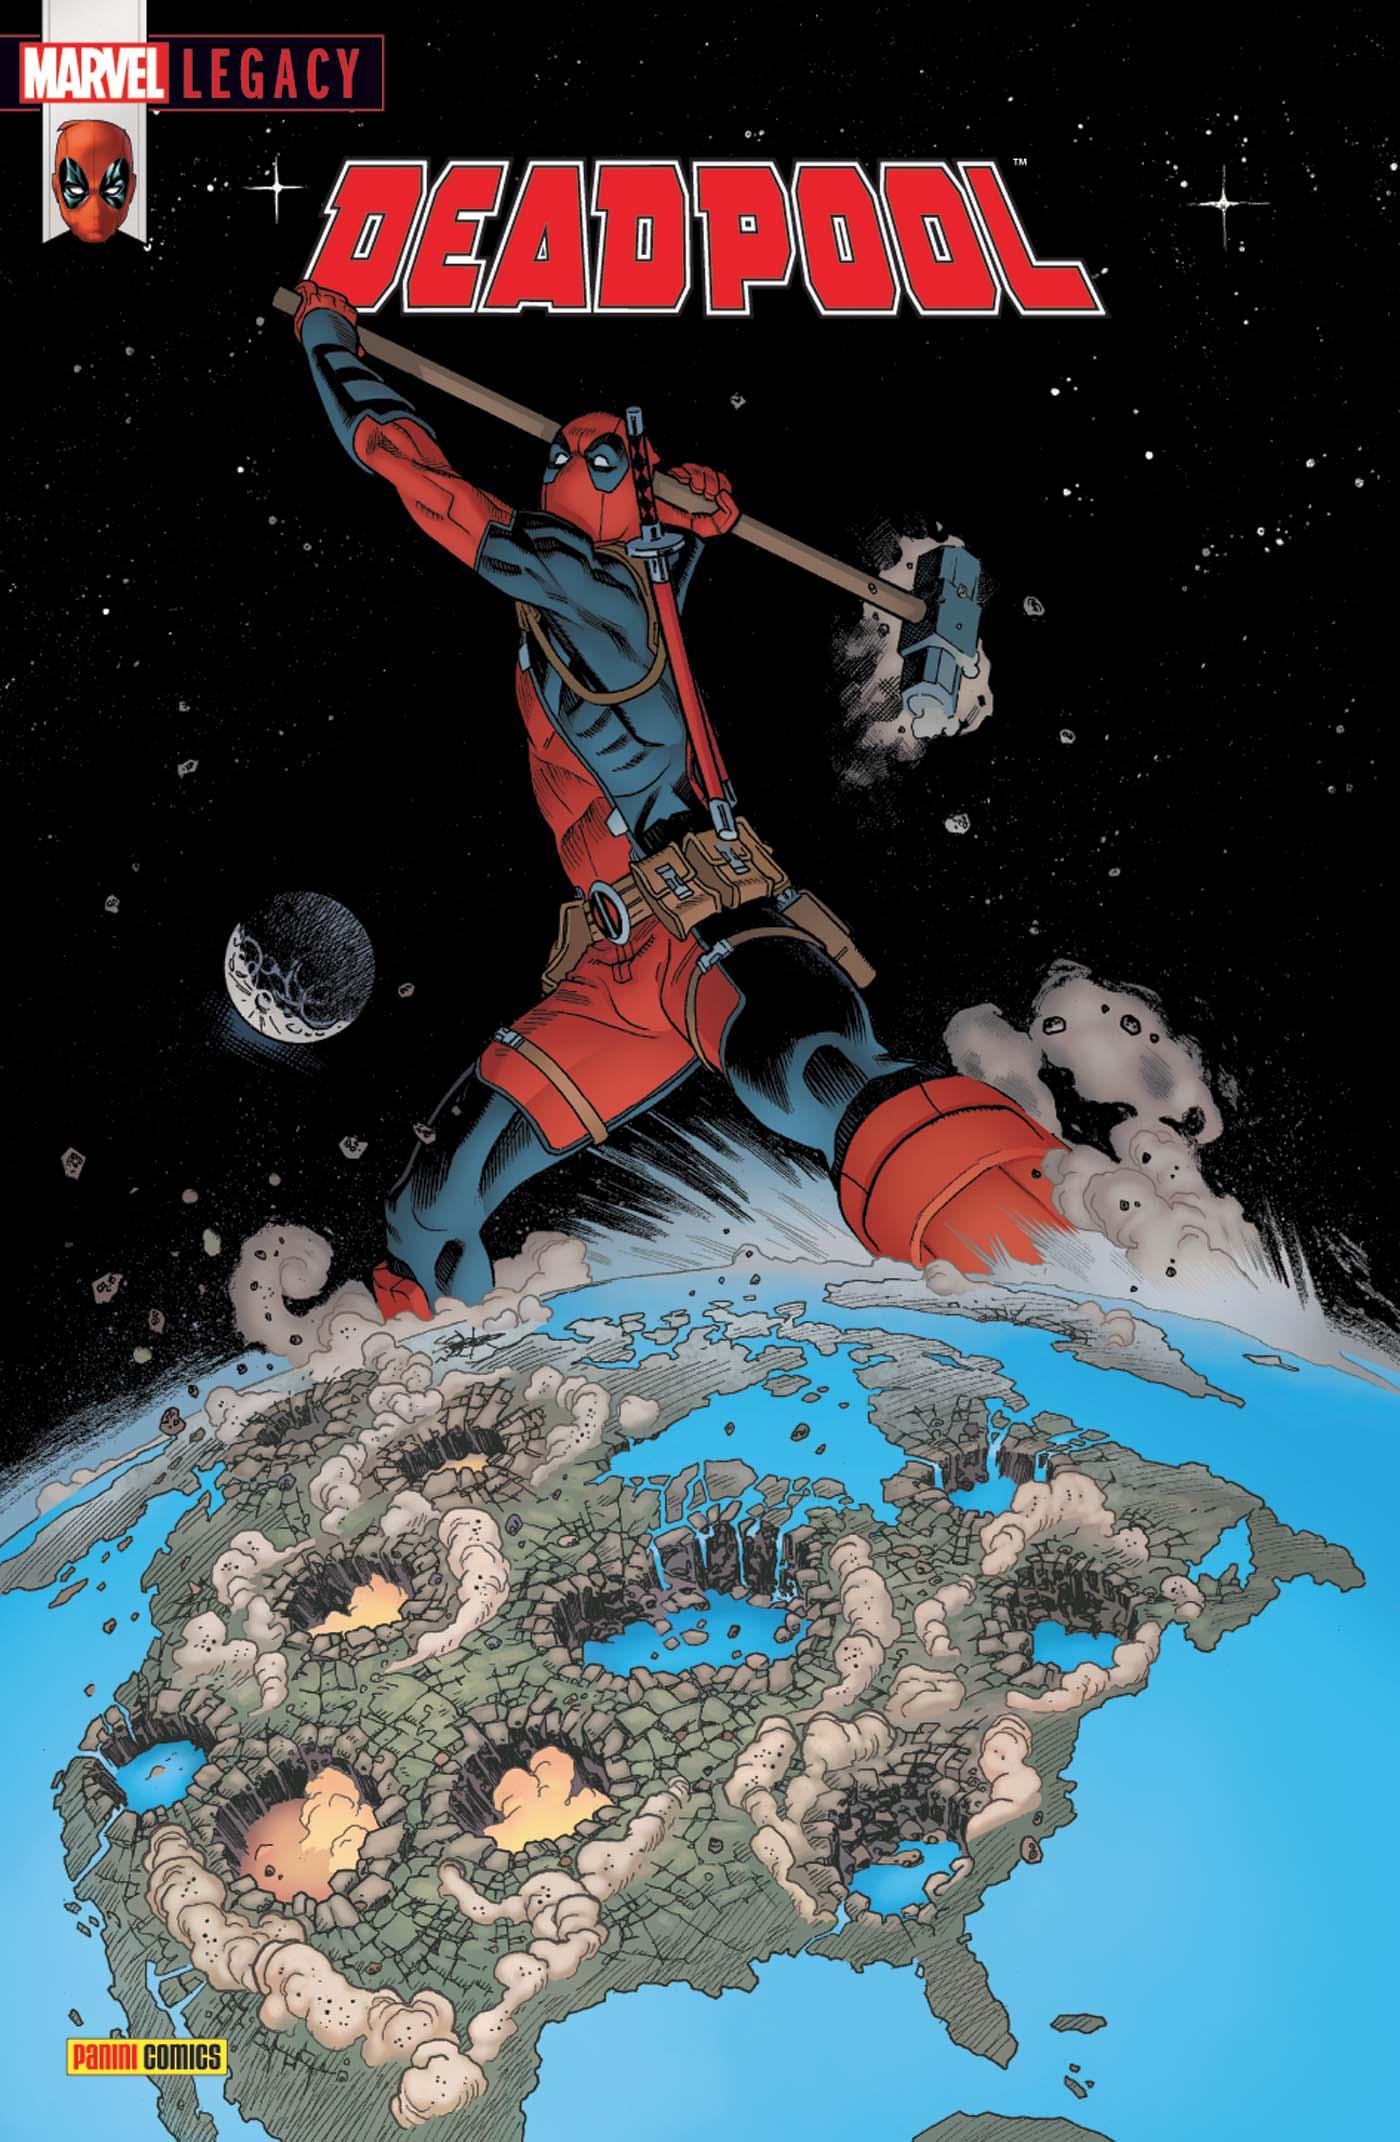 Marvel Legacy - Deadpool 5